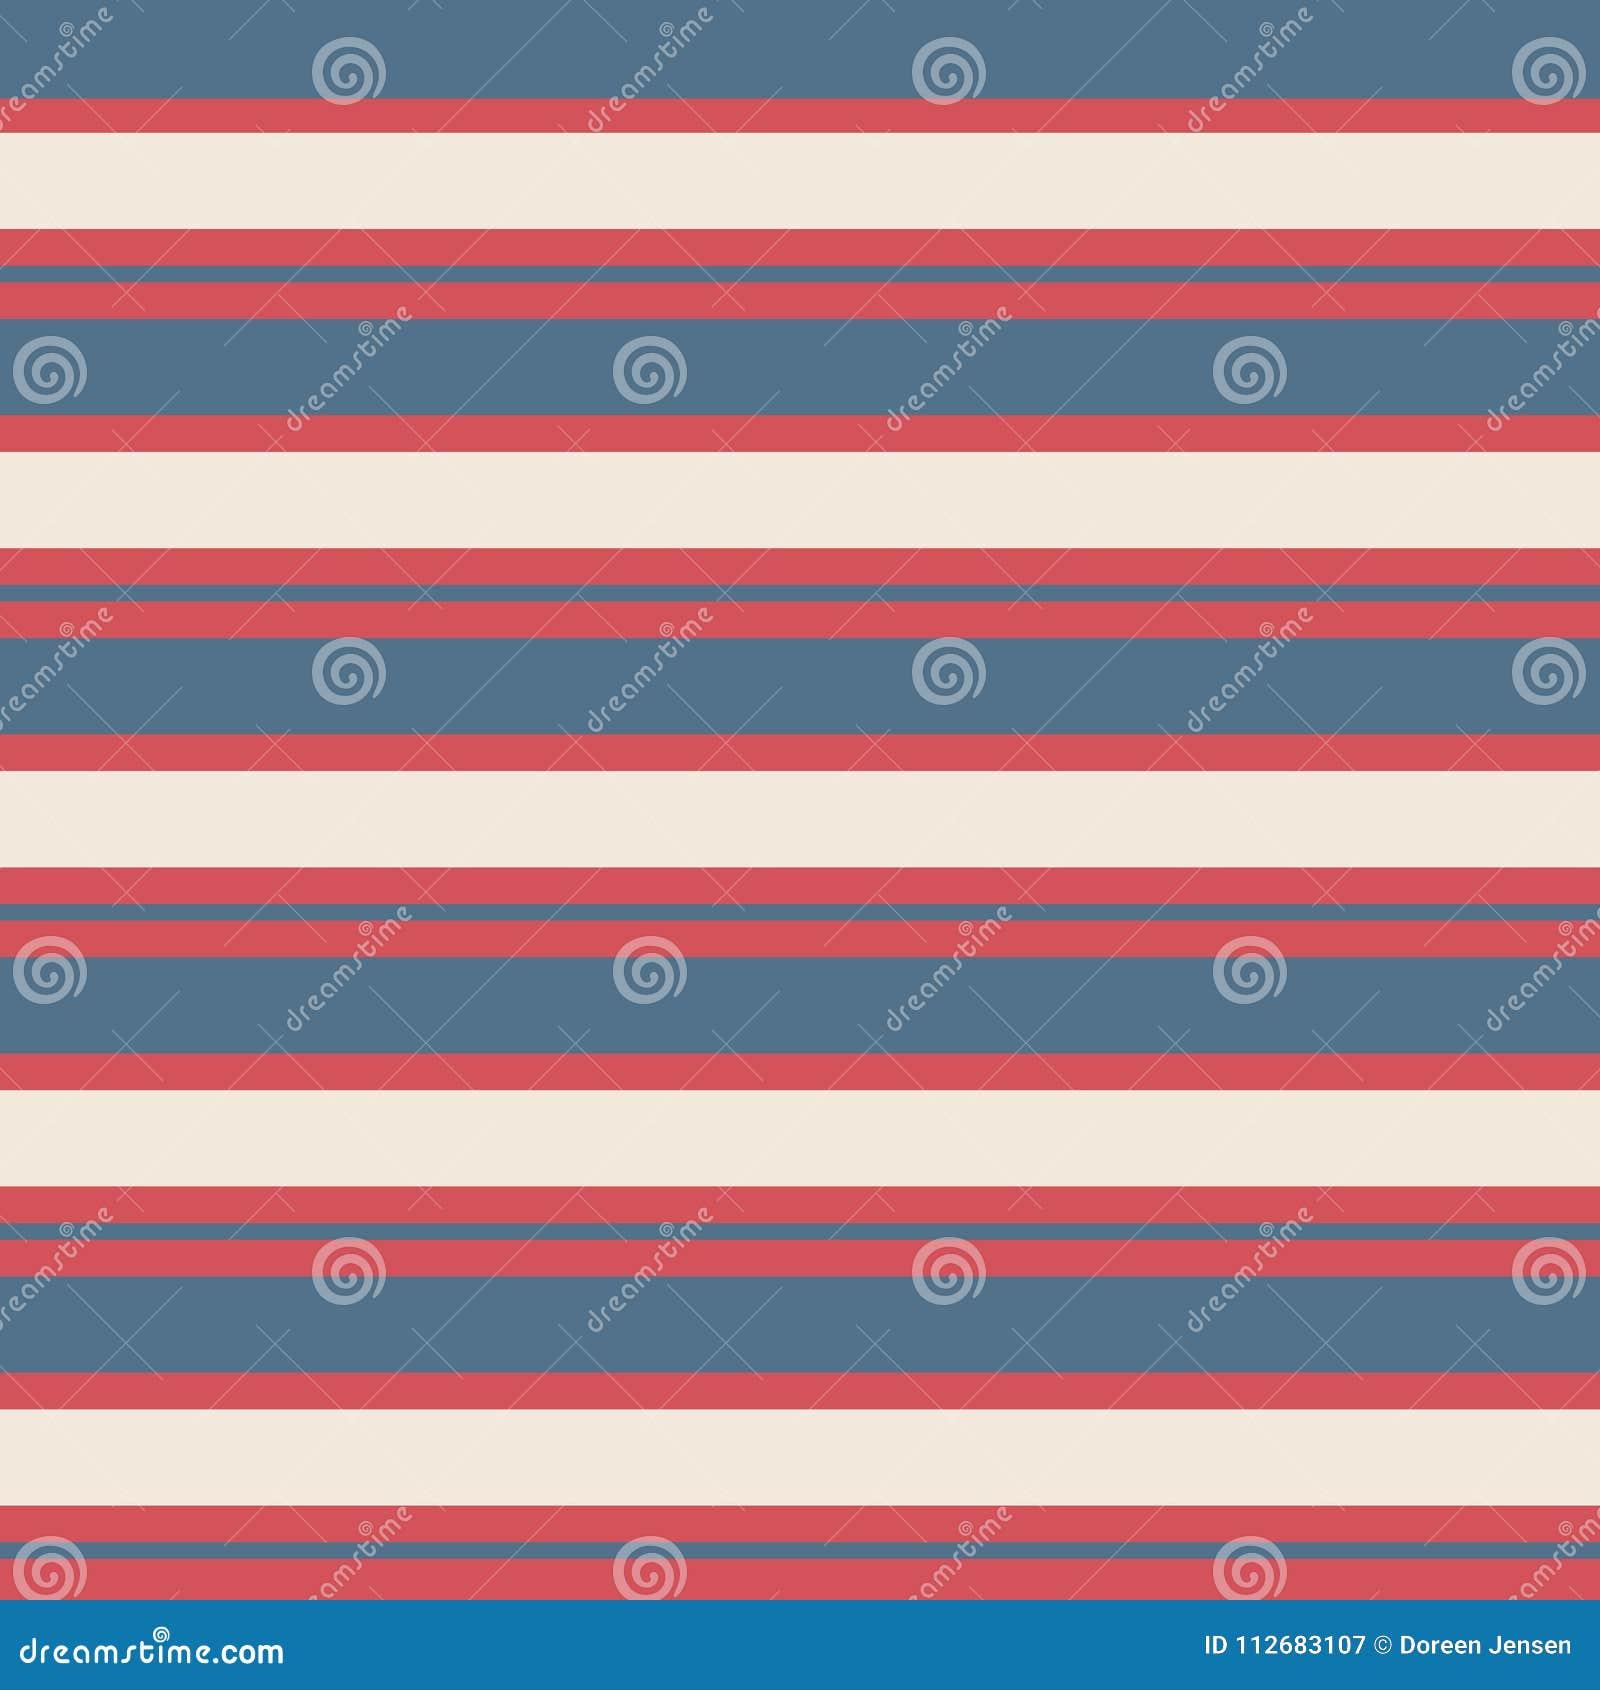 Modèle sans couture de vintage de rayure avec le fond de rayures rouges, bleu et crème parallèle horizontal coloré